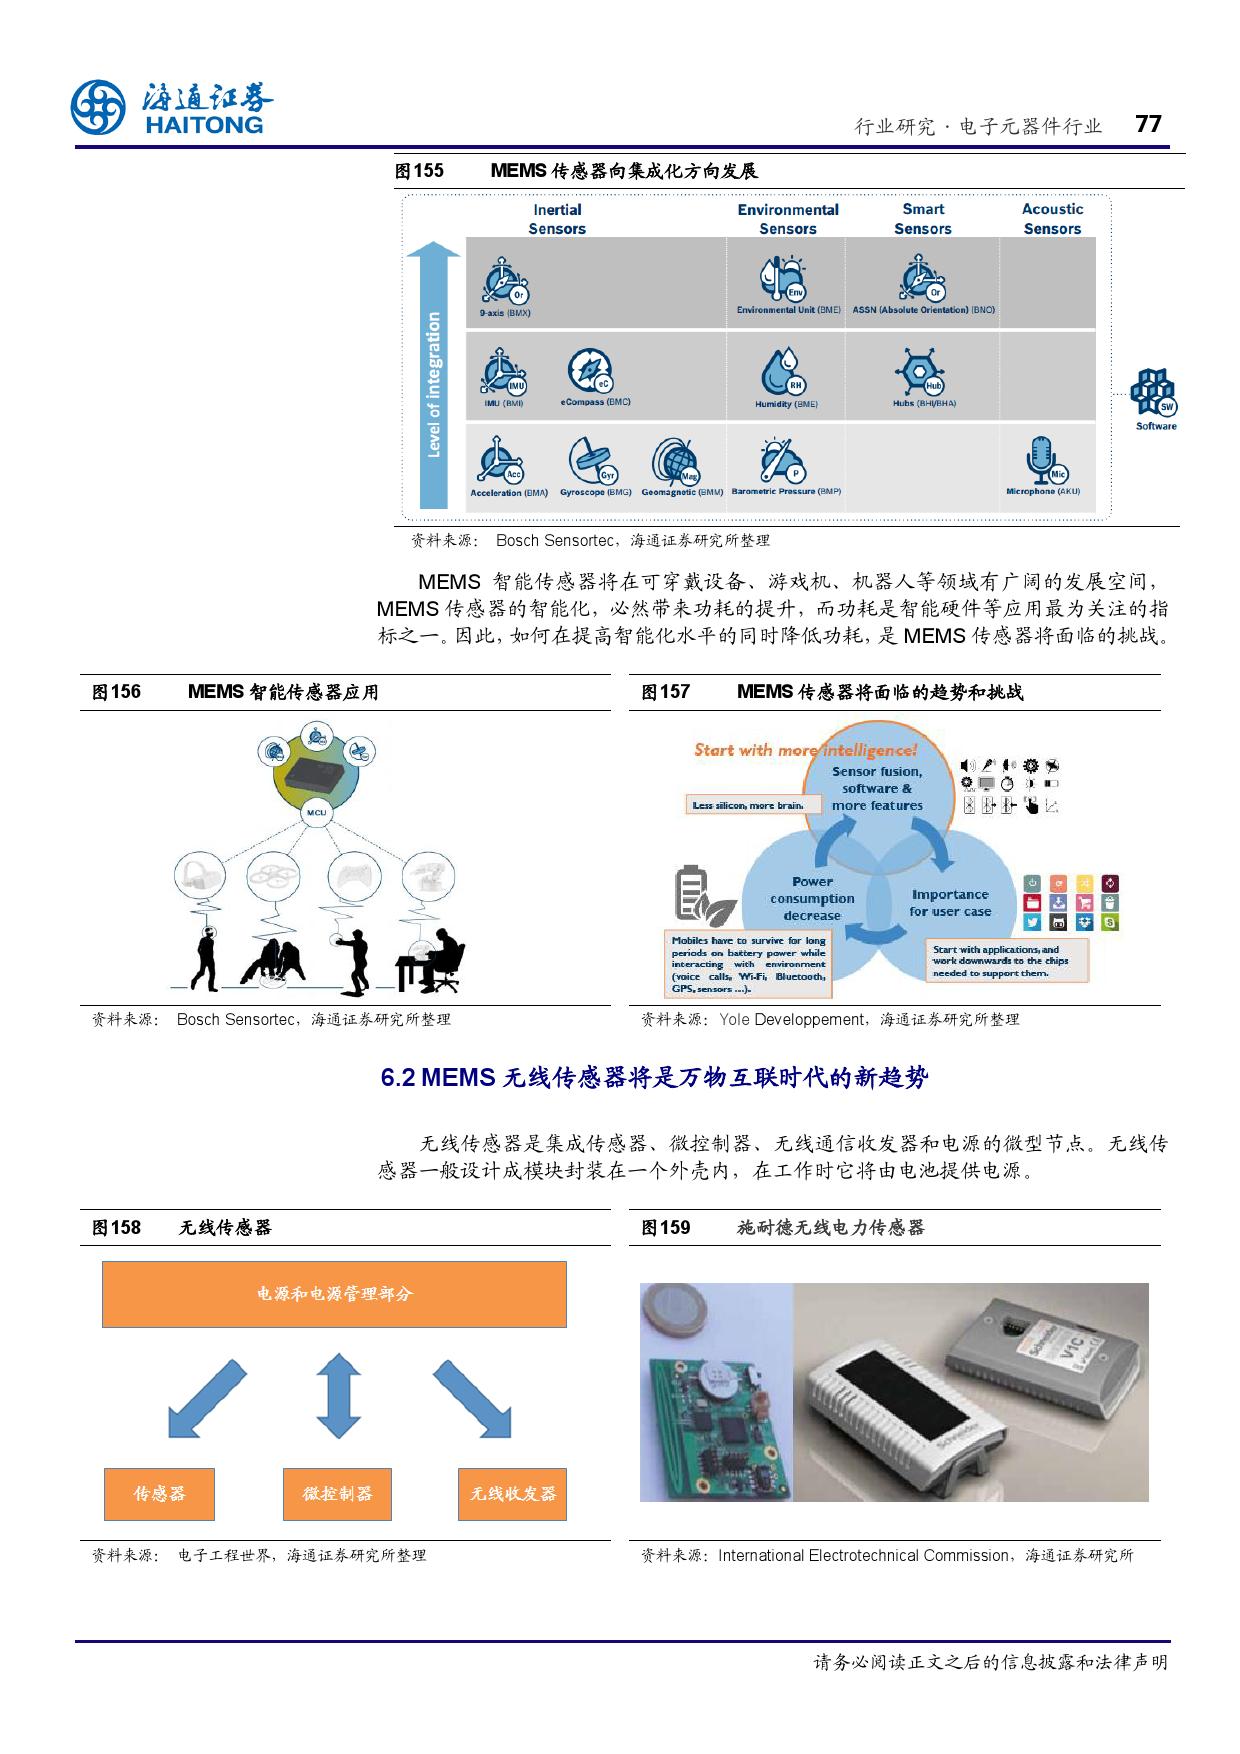 报告全解传感器全球产业链_000077